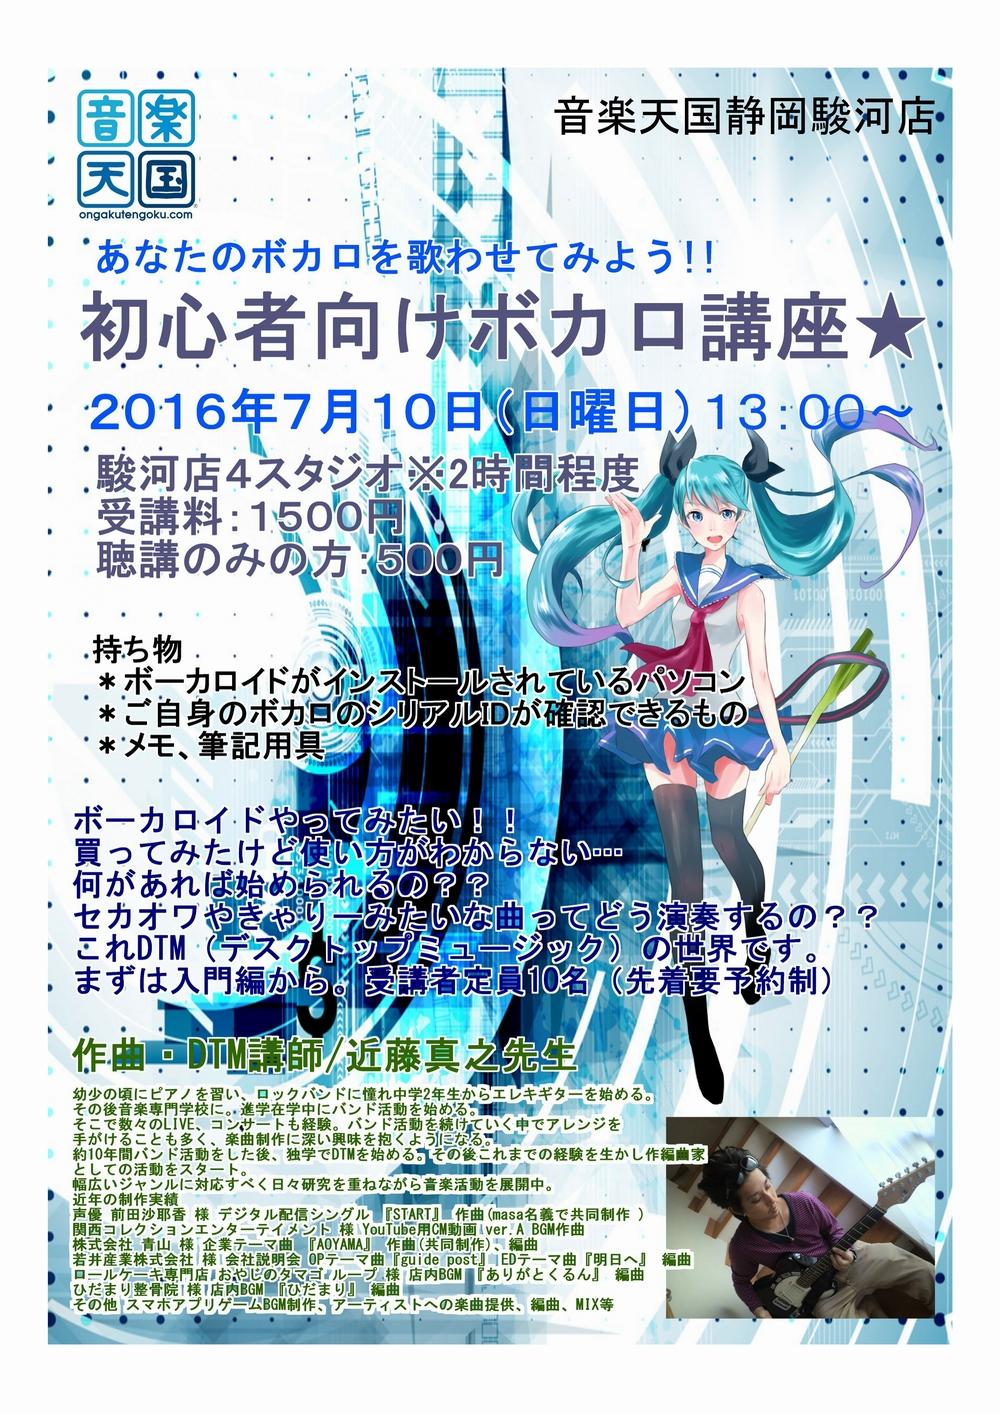 【ボカロ講座・初心者向け】音楽天国・静岡駿河店7月10日(日)初開催